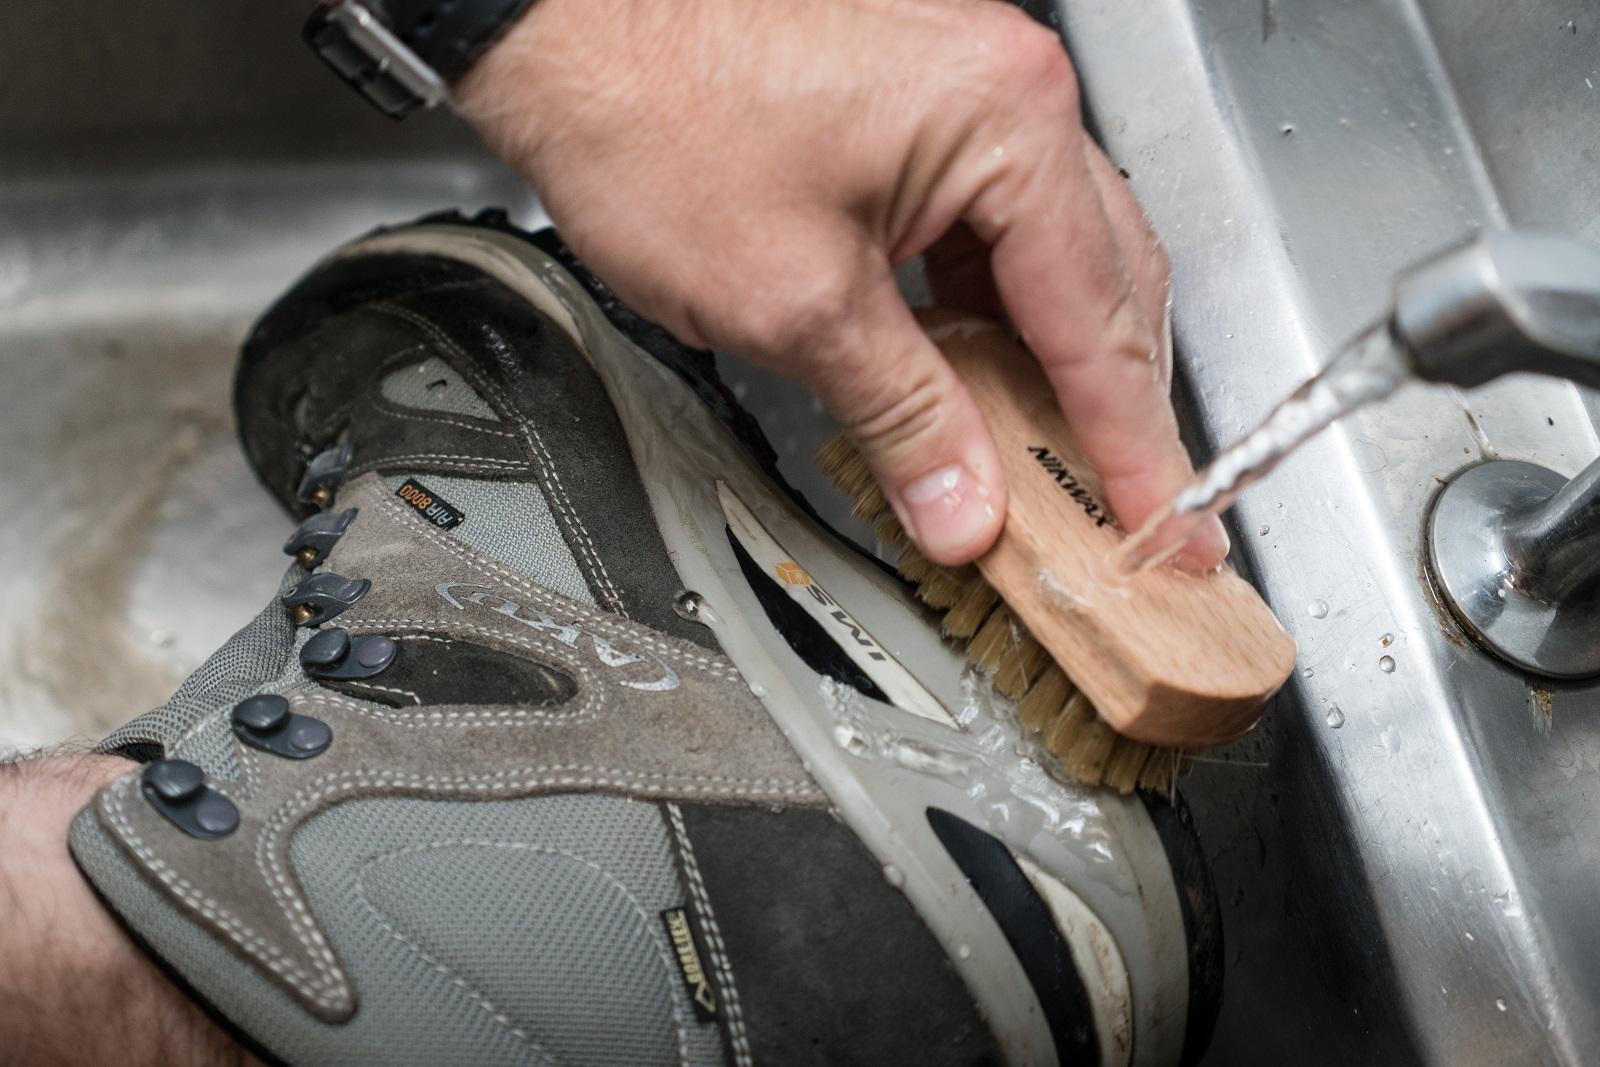 bootbrushing